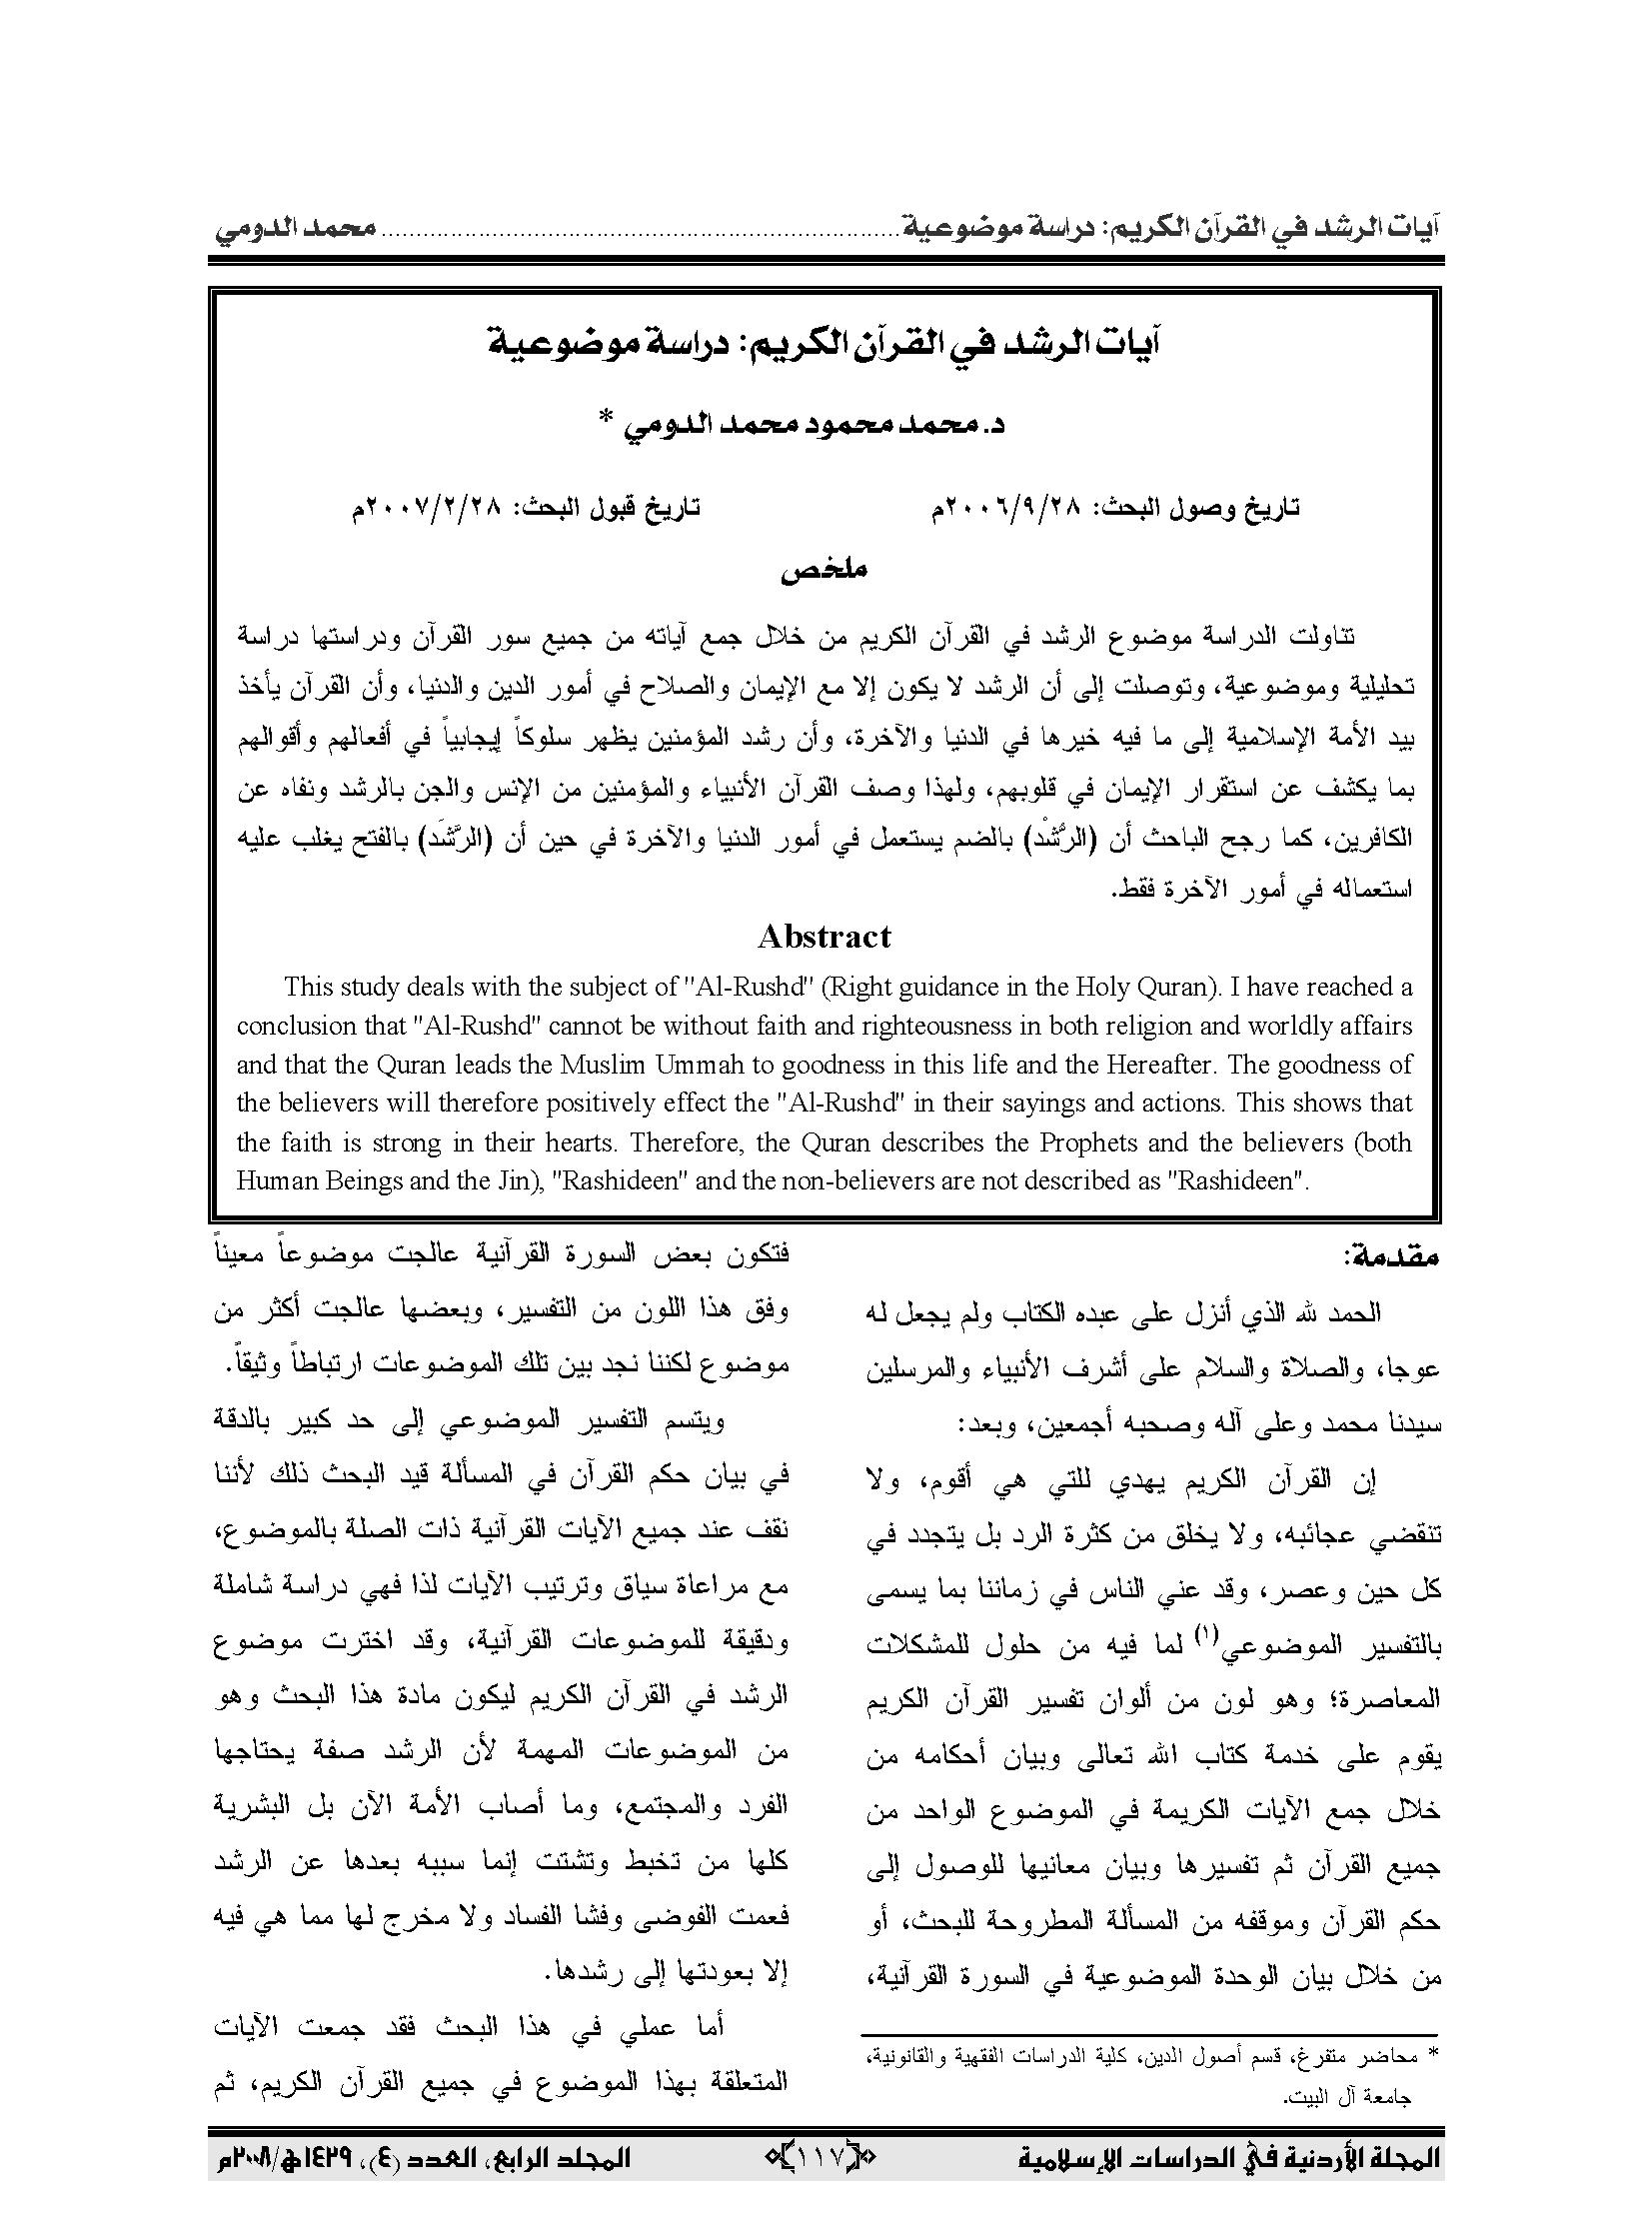 تحميل كتاب آيات الرشد في القرآن الكريم (دراسة موضوعية) لـِ: الدكتور محمد محمود محمد بني الدومي